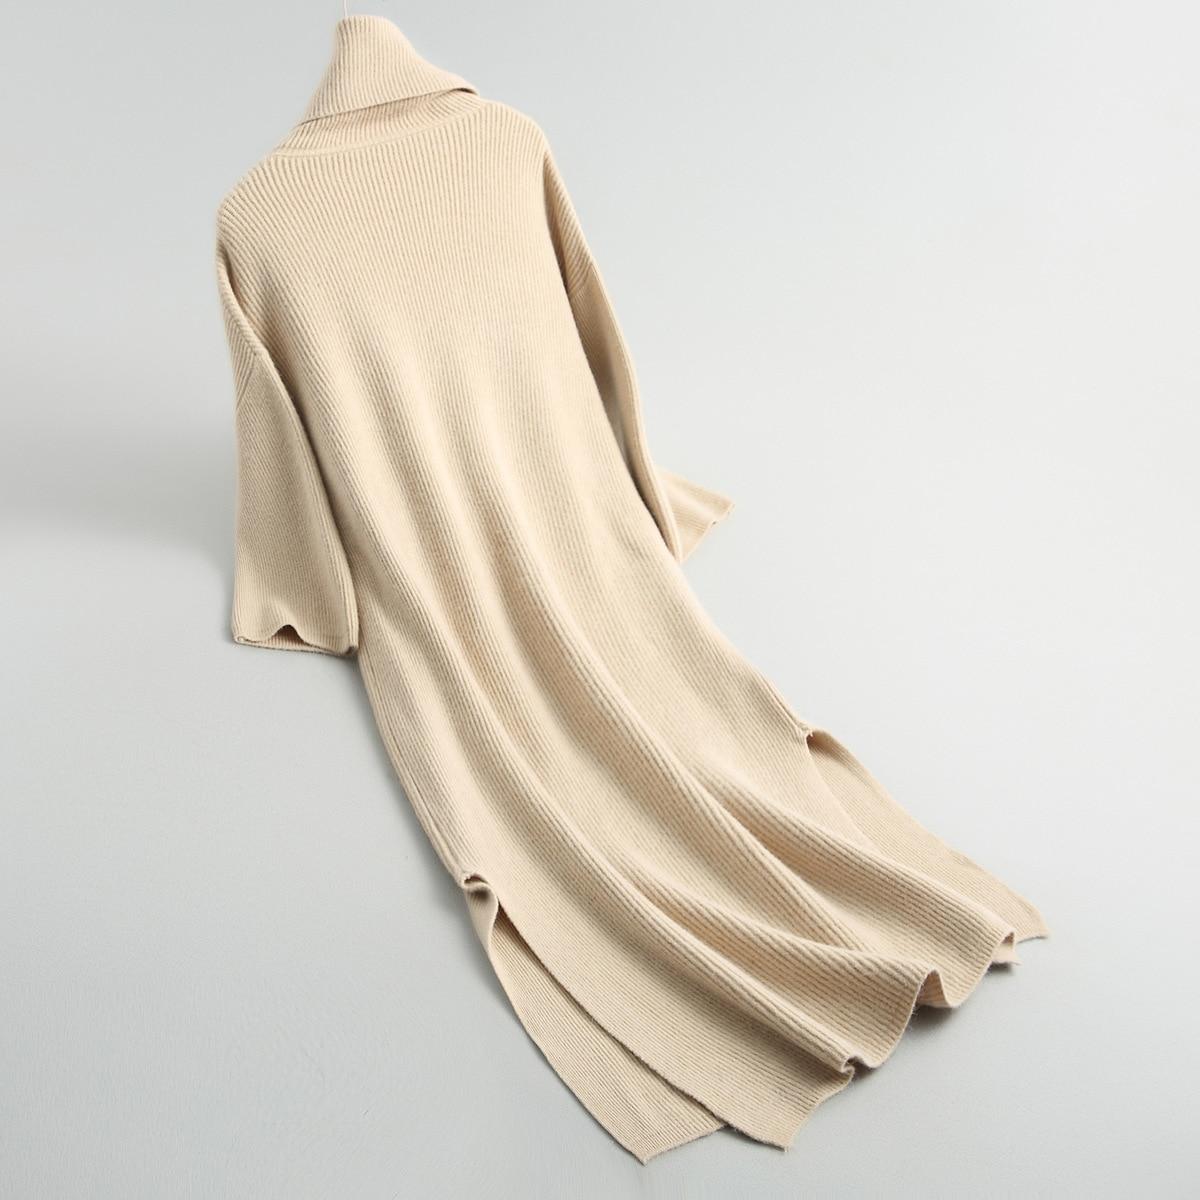 Arrivée Femelle Printemps Nouvelle Sexy Black Solide Longue apricot Robe De Turn Mince Femmes 2018 Col down Robes Automne Vêtements Épaissir Tricot mn8vNO0w